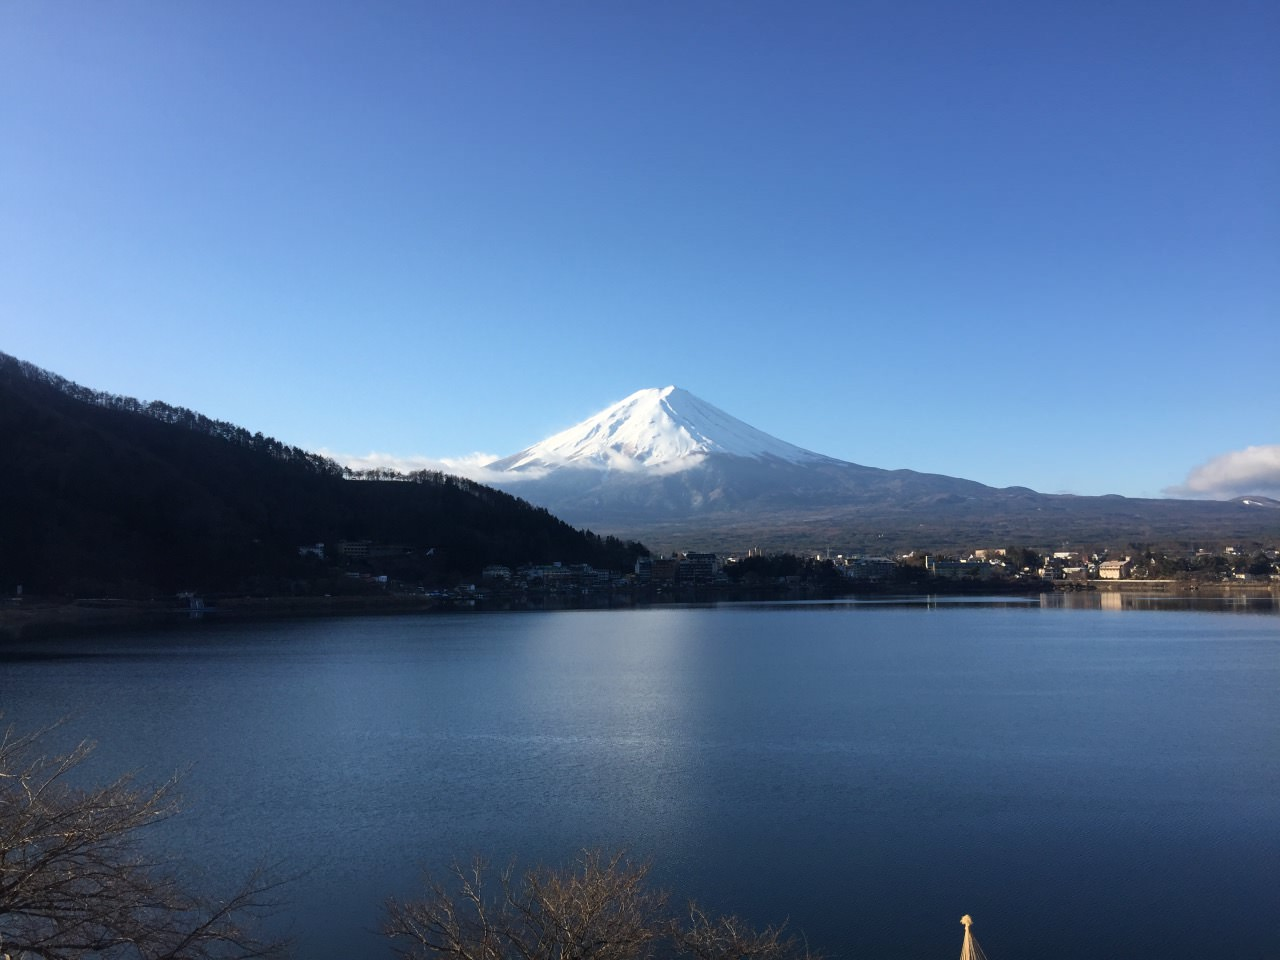 剛睡醒的平靜無雲日本護國神山